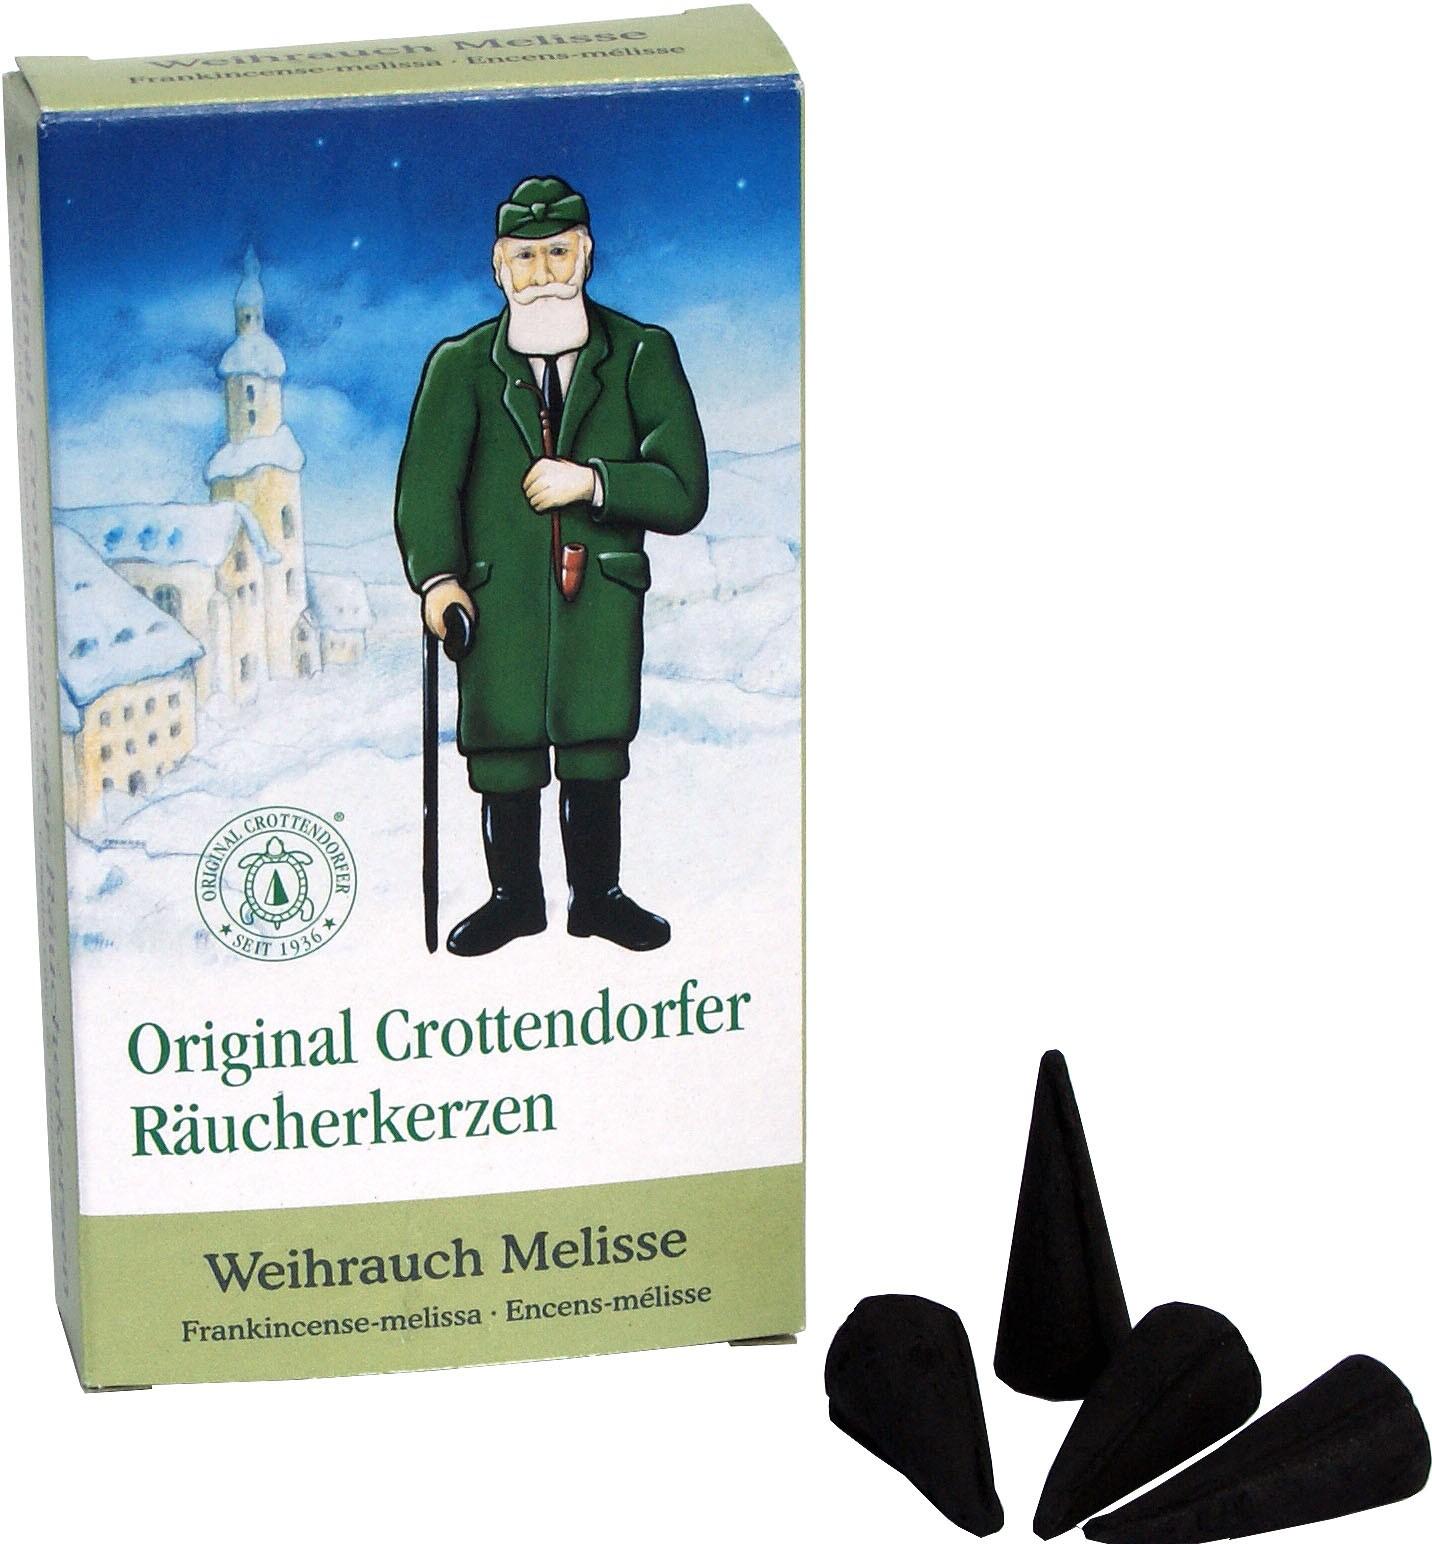 Crottendorfer Räucherkerzen Weihrauch-Melisse